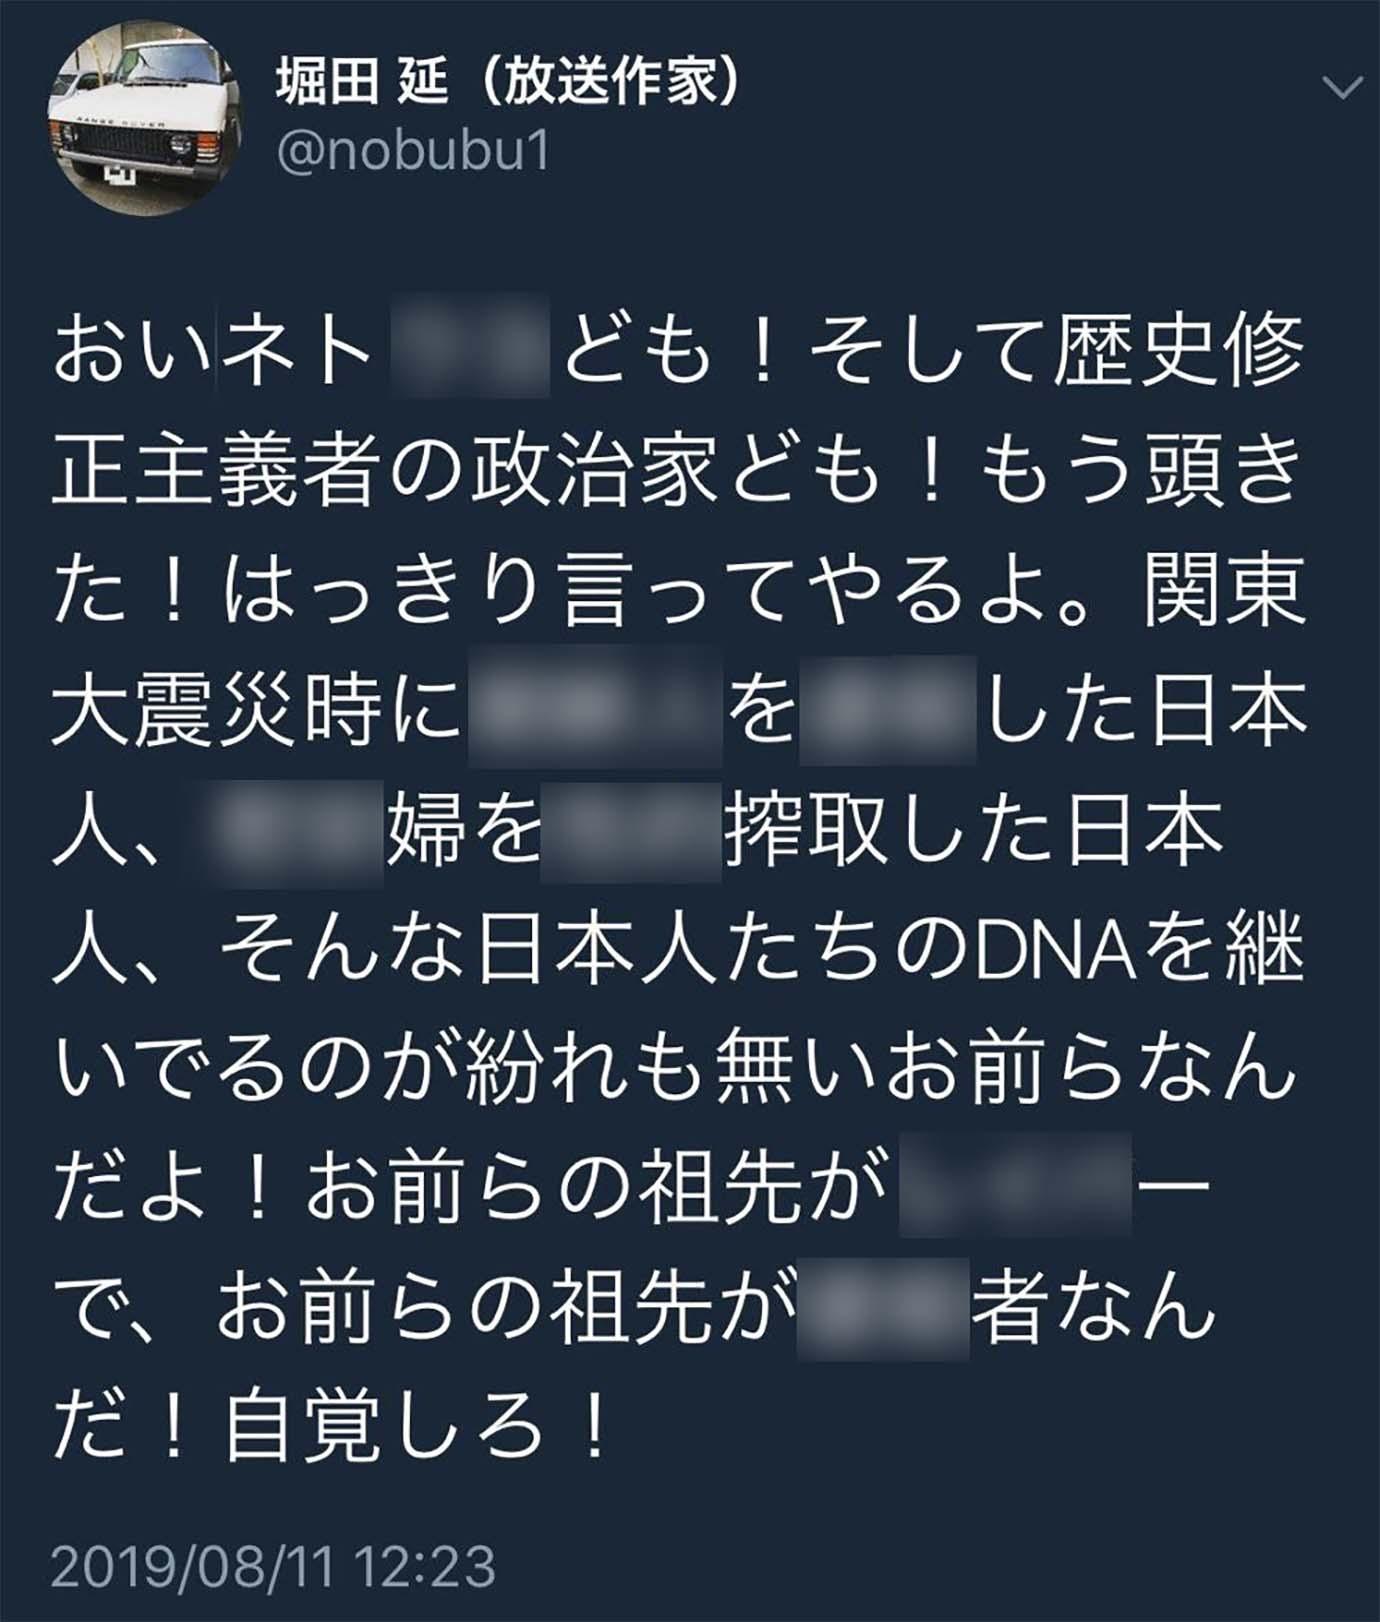 nobubu1